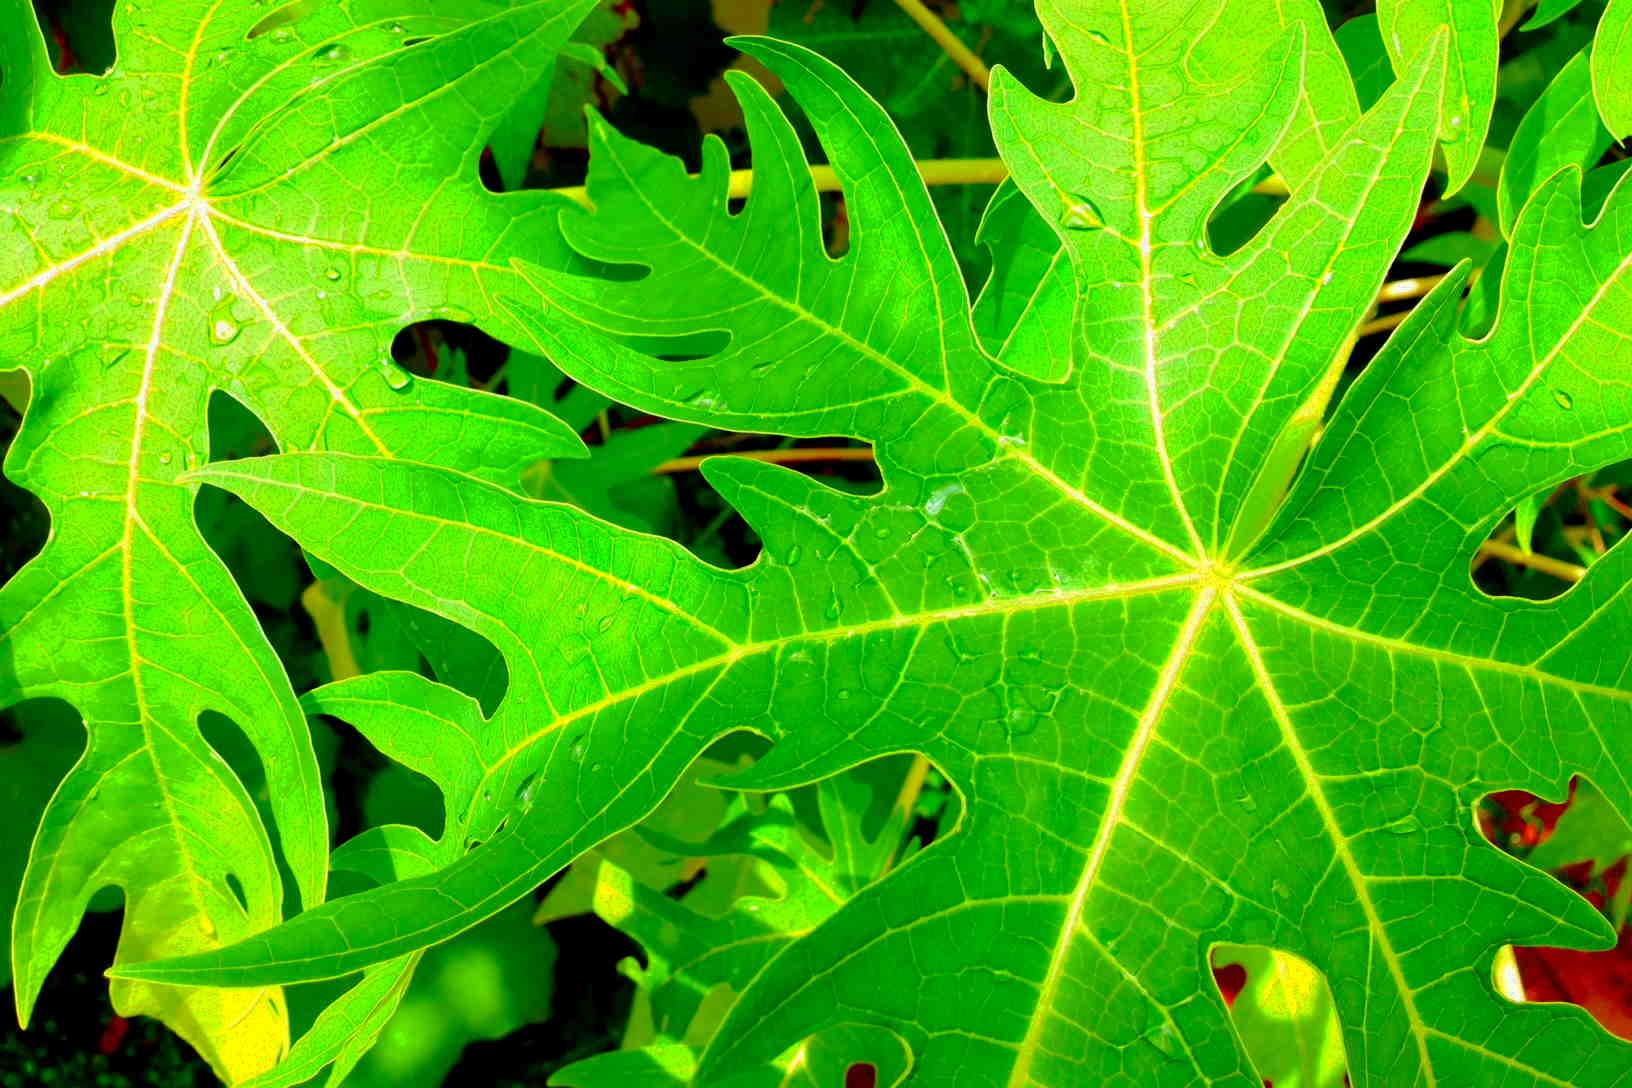 cara menghilangkan jerawat dengan daun pepaya